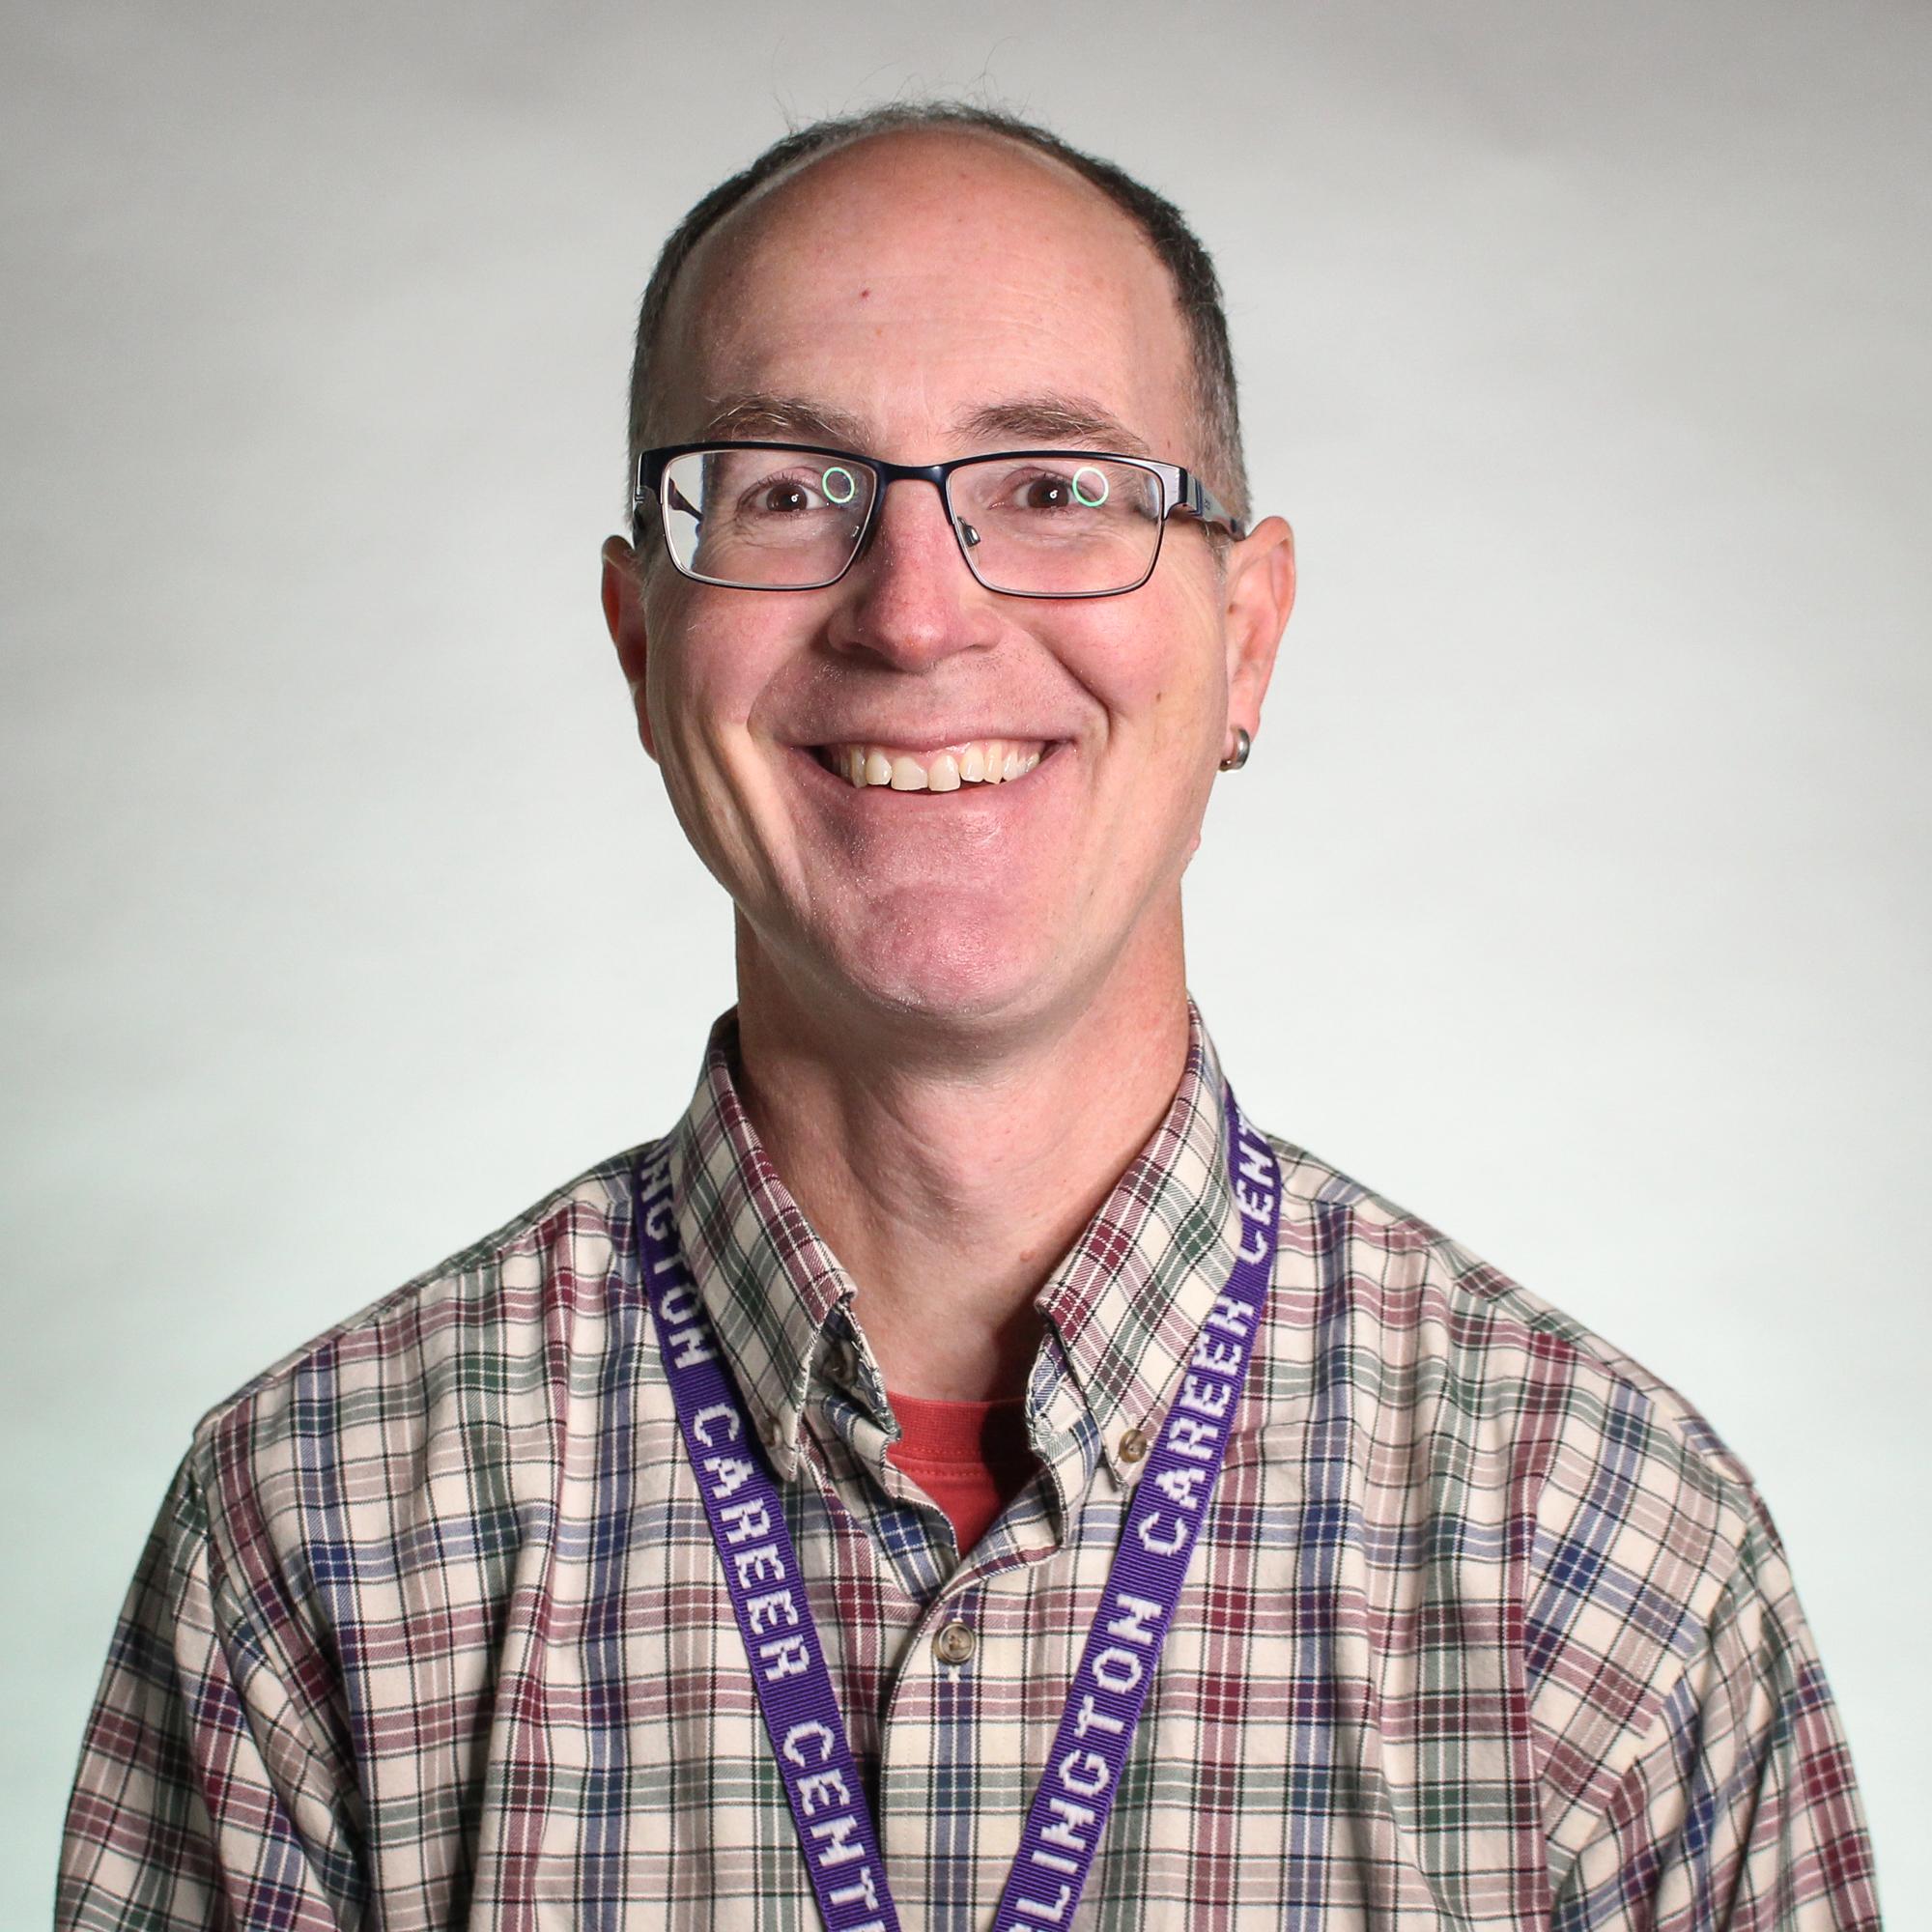 Mr. Steve Nystrom